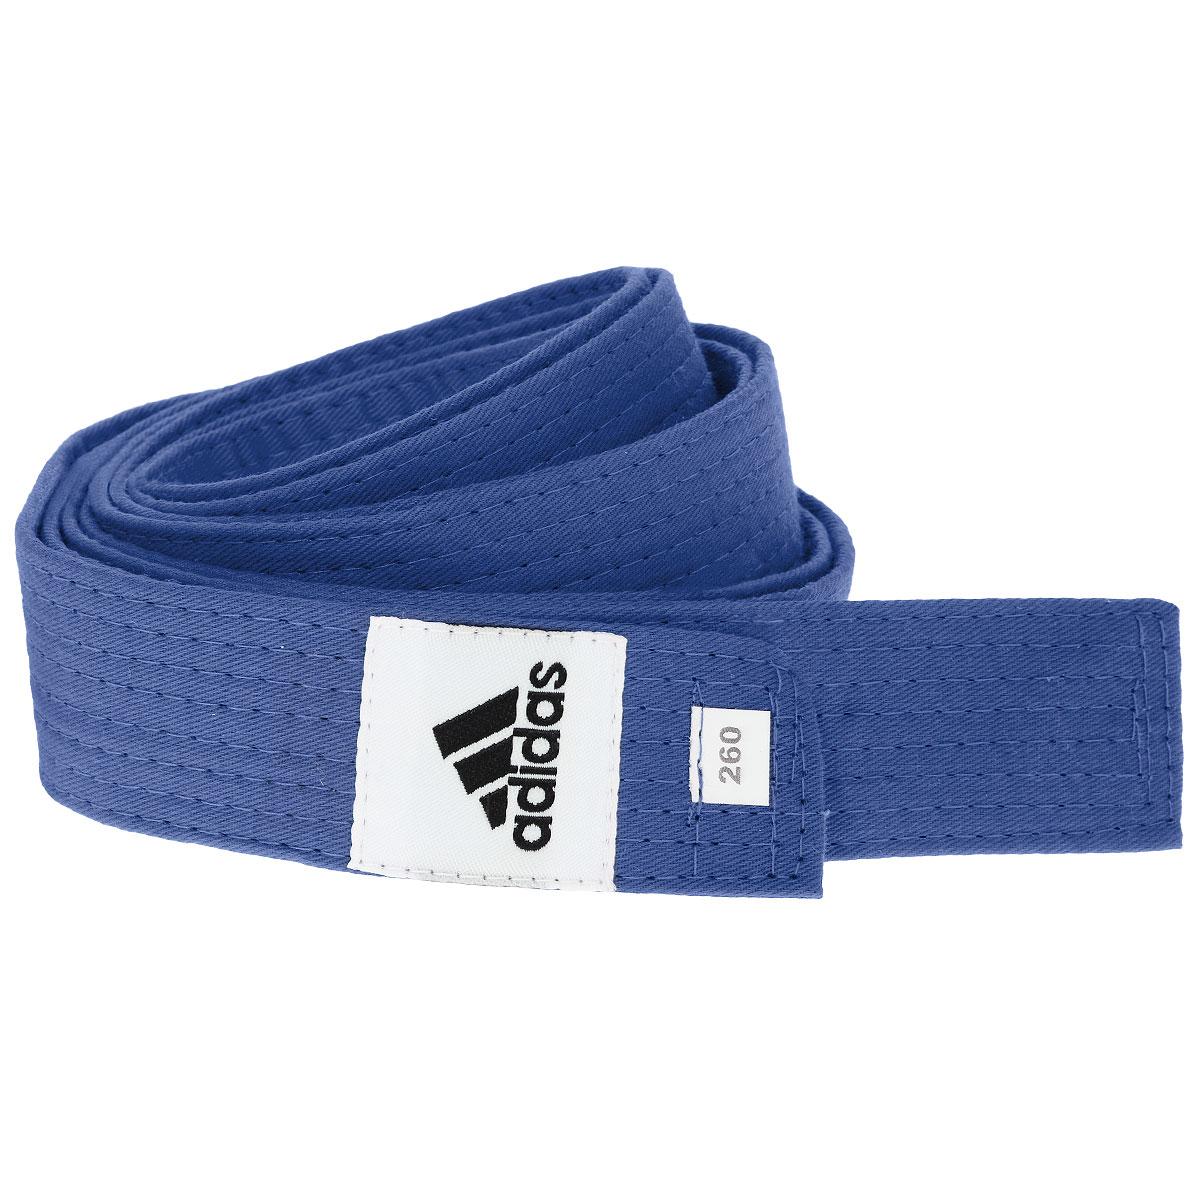 Пояс для единоборств adidas Club, цвет: синий. adiB220. Длина 280 смadiB220Пояс для единоборств adidas Club - универсальный пояс для кимоно. Пояс выполнен из плотного хлопкового материала с прострочкой.Такой пояс - необходимый аксессуар для тех, кто занимается боевыми искусствами.